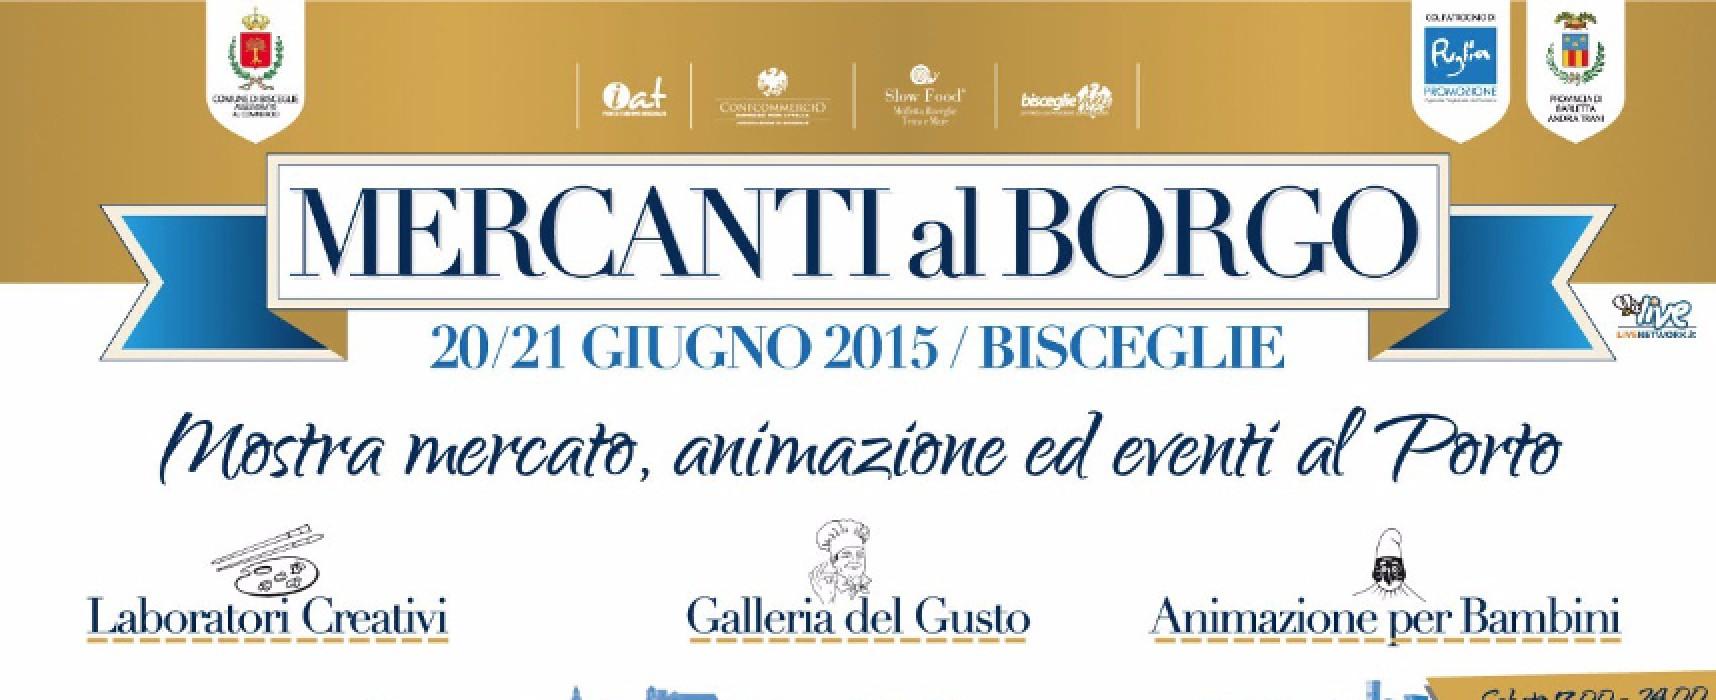 """""""Mercanti al Borgo"""", animazione ed eventi nel centro storico e al porto il 20 e 21 giugno"""